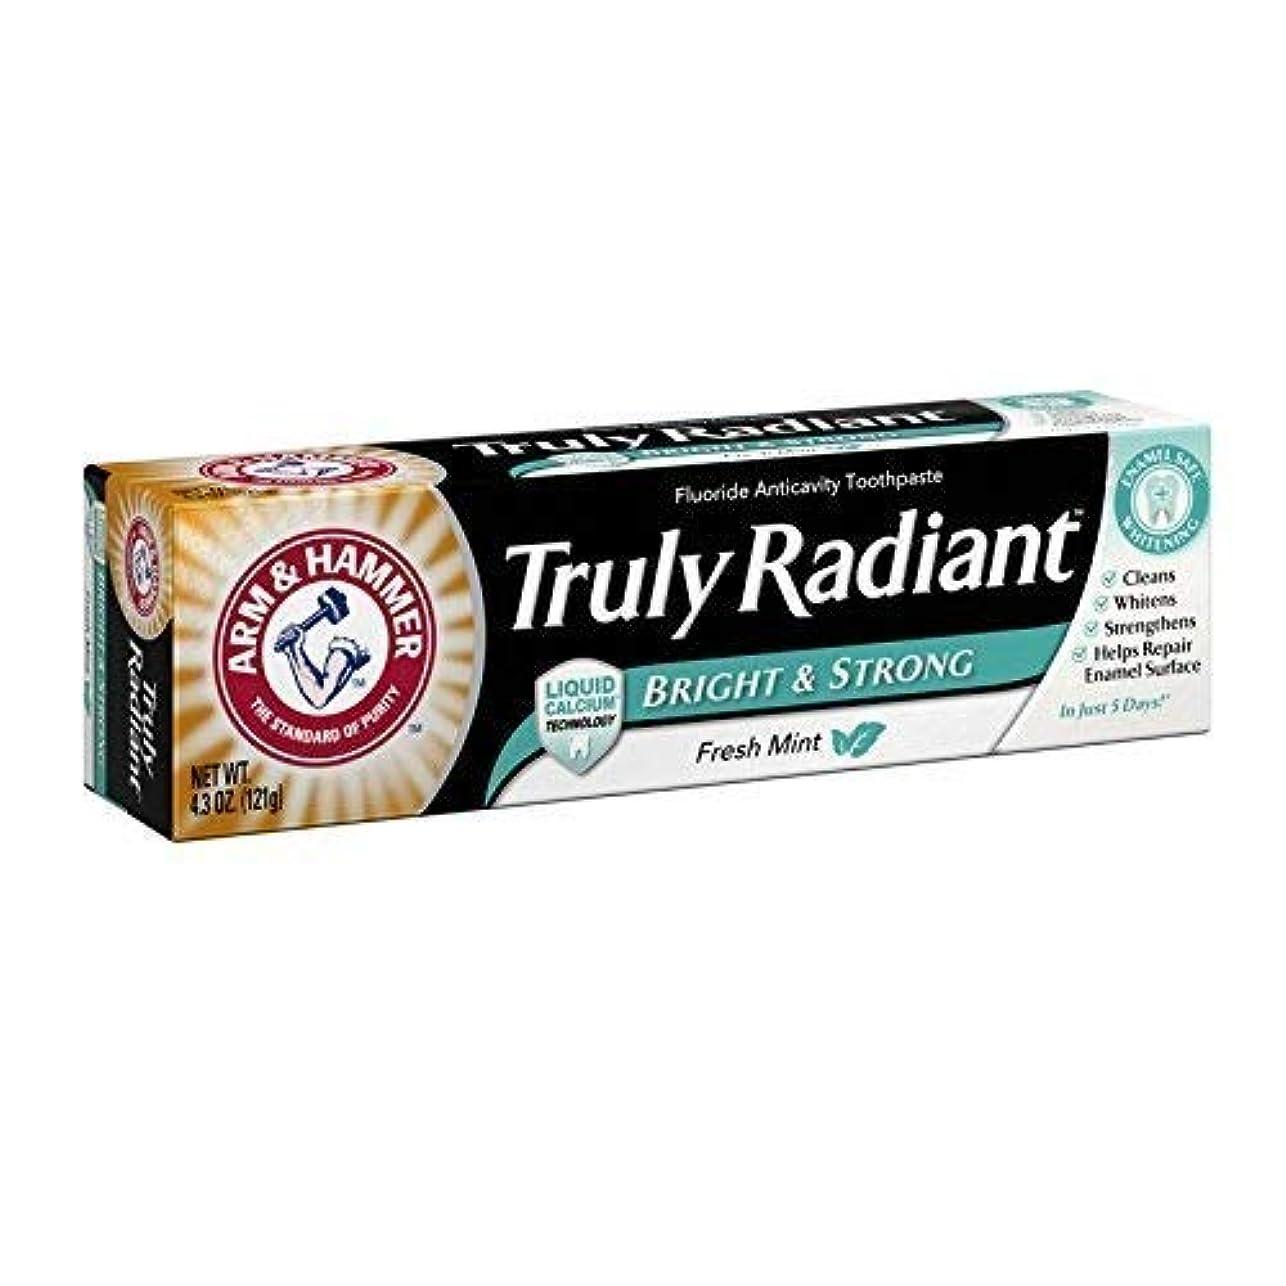 パノラマ第二に半円Arm & Hammer 本当にラディアン明るい&ストロングフッ化物虫歯予防歯磨きフレッシュミント4.3オズ 4.3 NET WT。